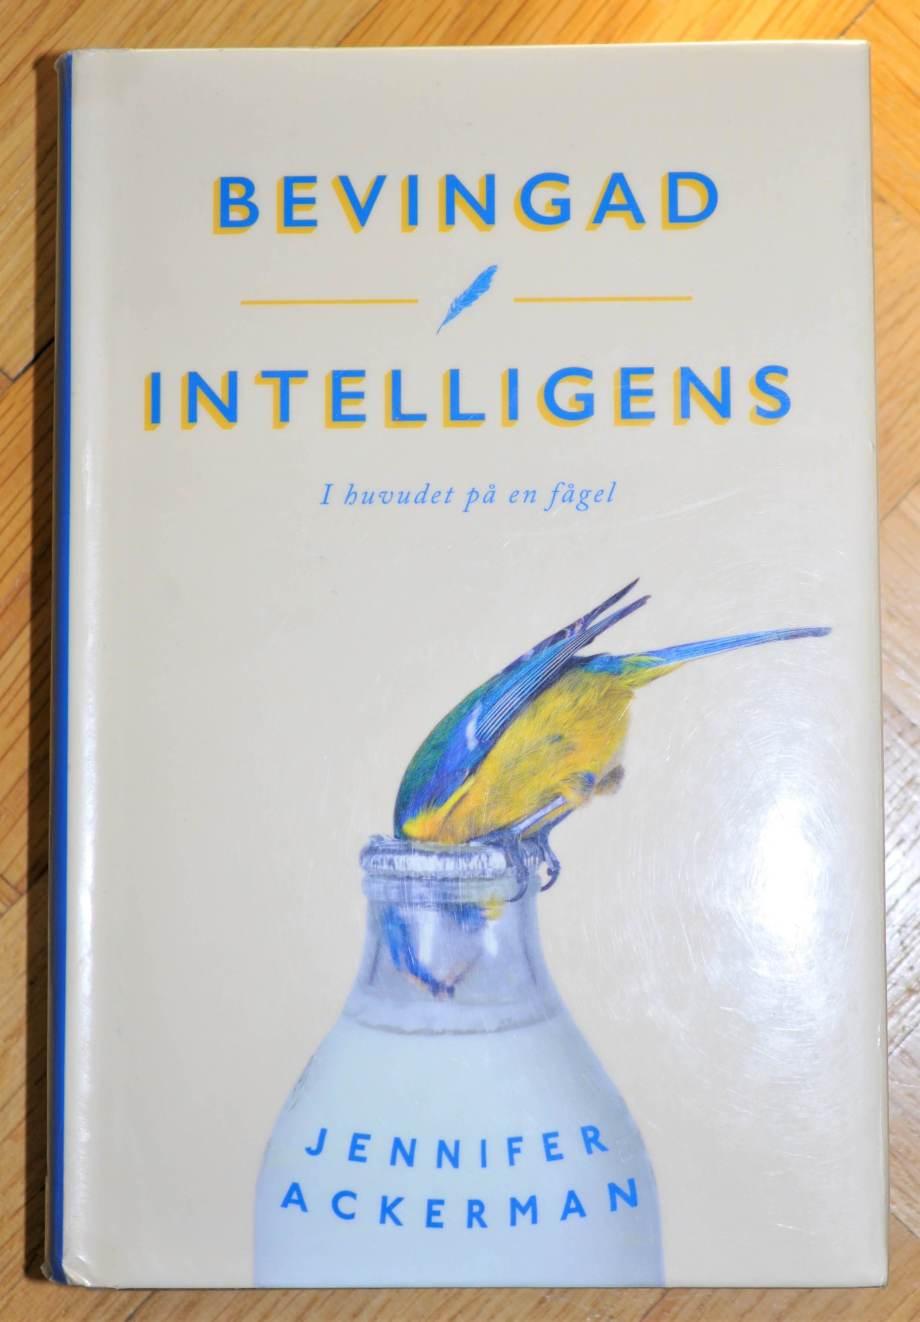 """bokomslag till """"Bevingad intelligens"""" av Jennifer Ackerman visar en blåmes som hackat sönder kapsylen till en mjölkflaska för att komma åt grädden i."""